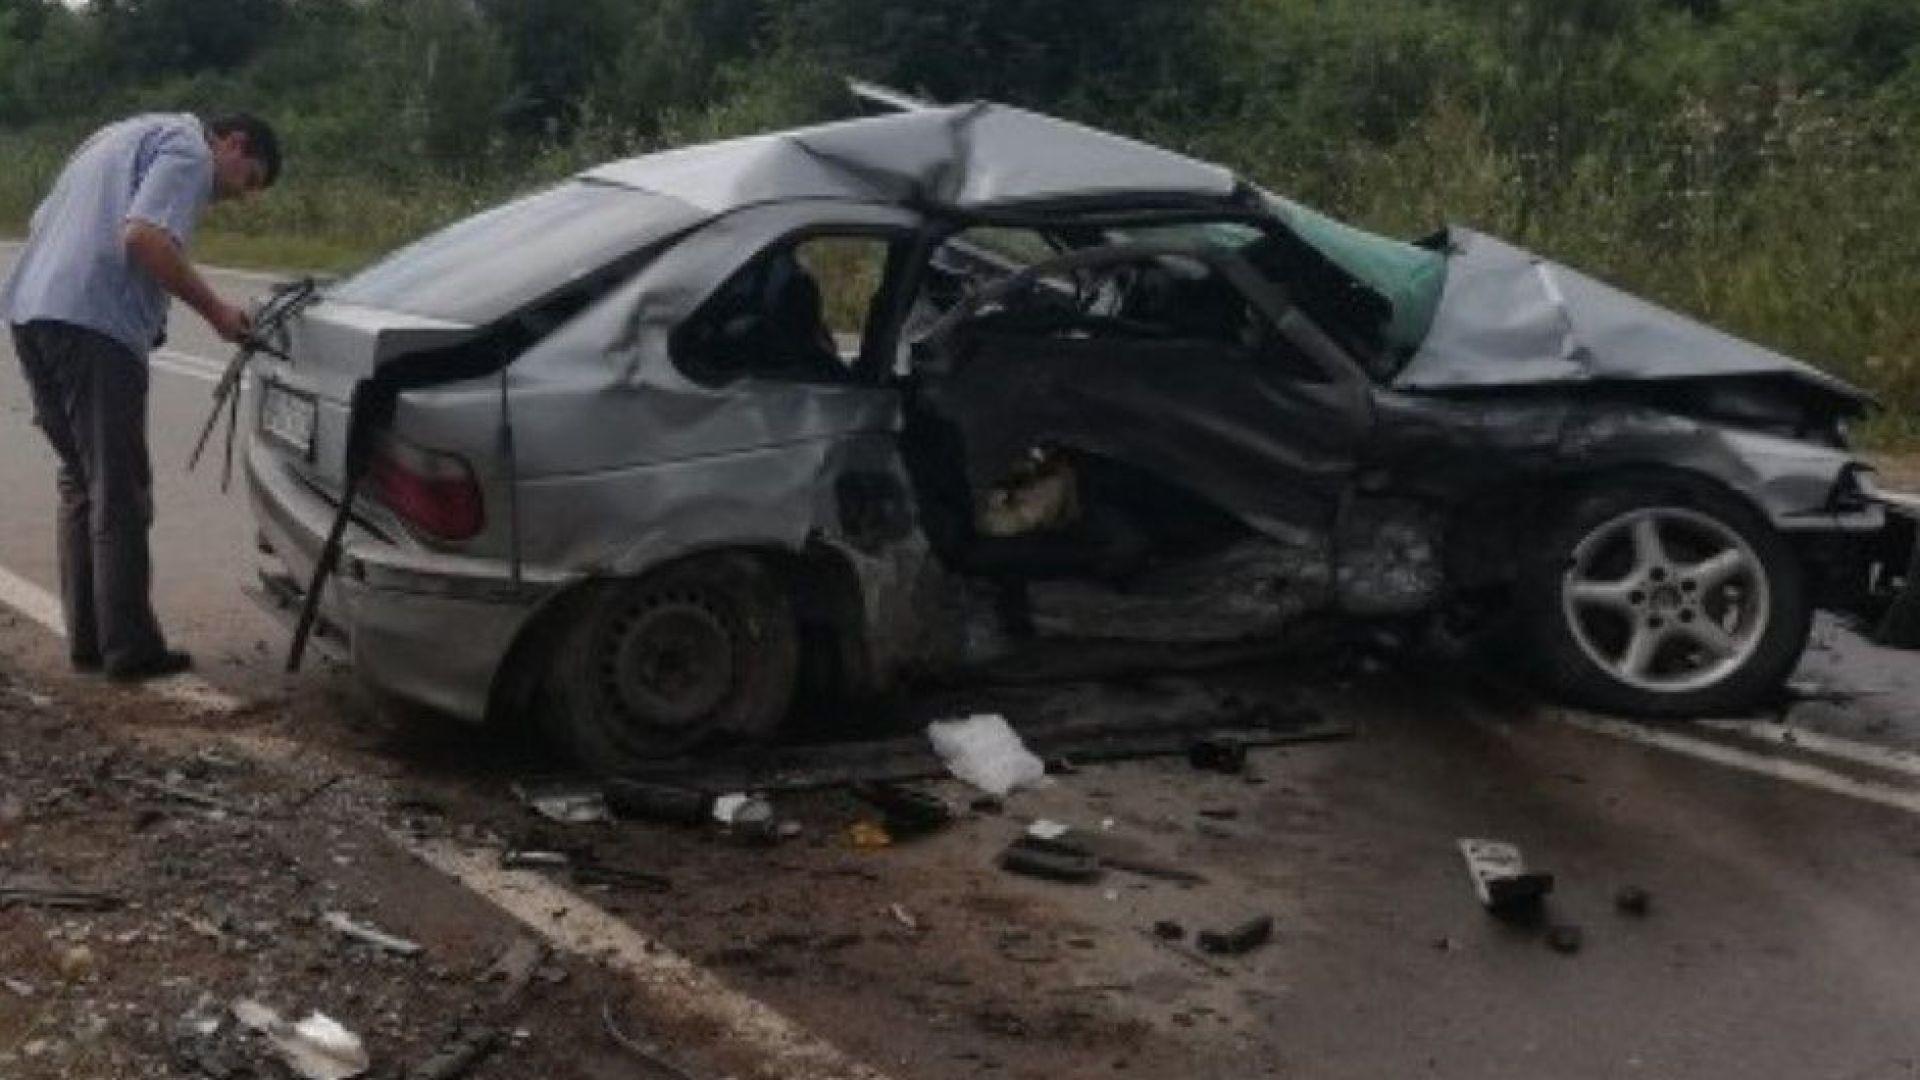 """Един загинал и ранени при сблъсък между БМВ и """"Фолксваген"""" (снимки)"""